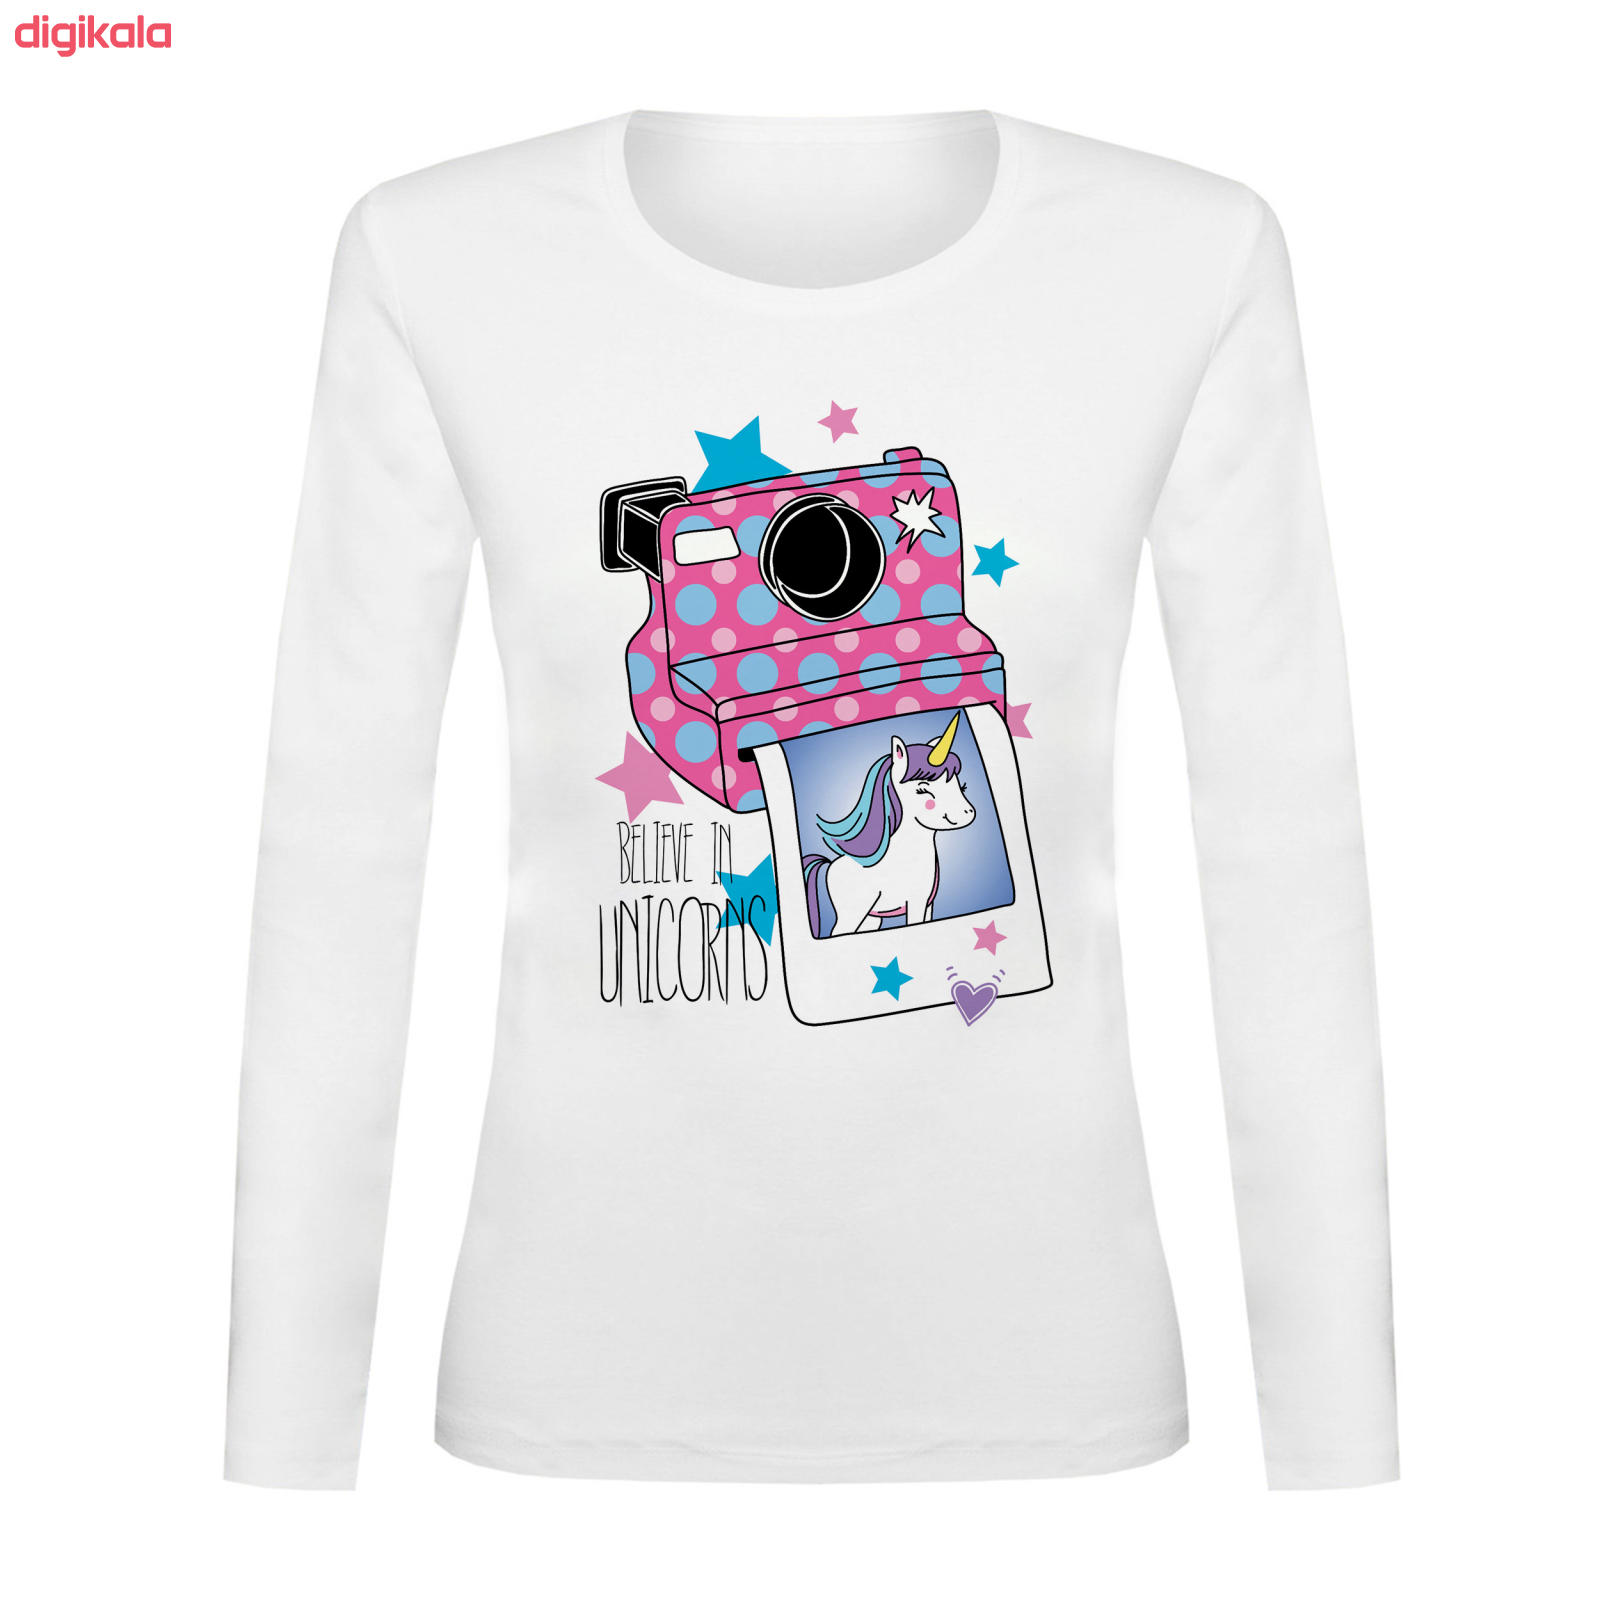 تی شرت آستین بلند زنانه کد TAB01-261